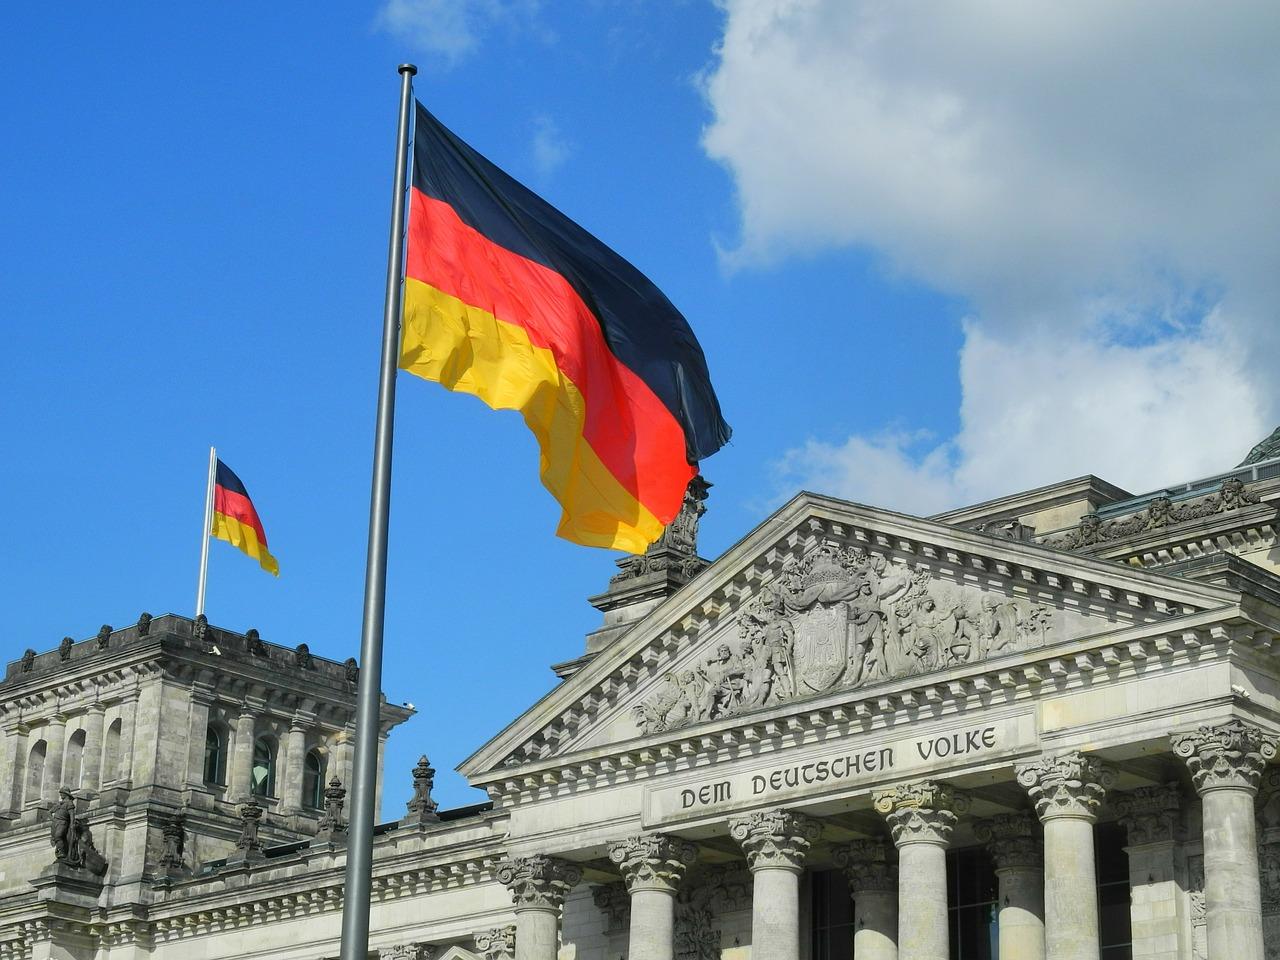 Lobbyisme arménien inefficace à travers les députés allemands